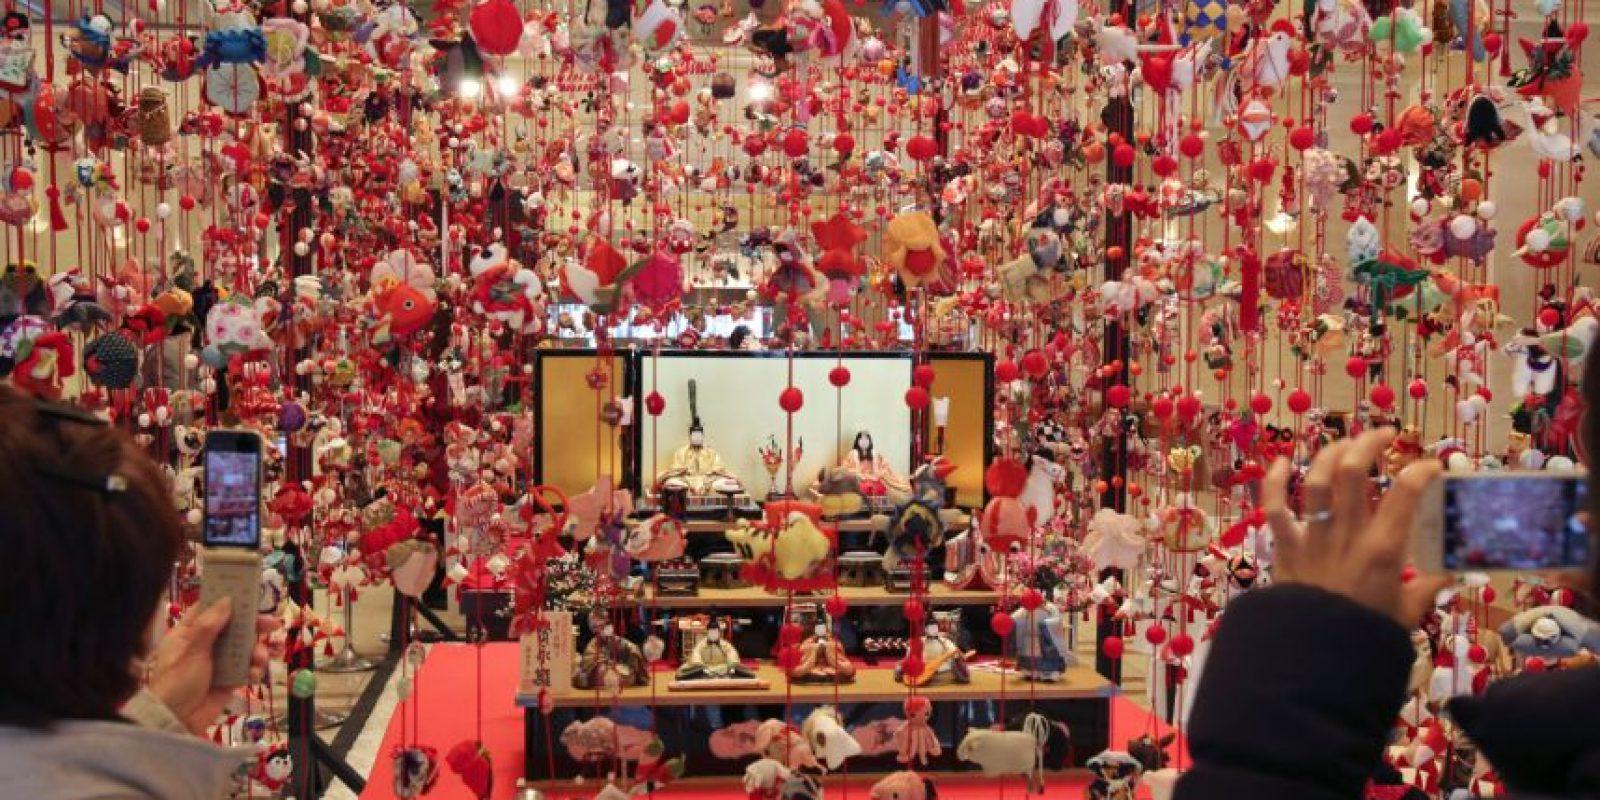 El hotel tokiota Keio Plaza es conocido por su gran exposición de muñecas. Foto:AP